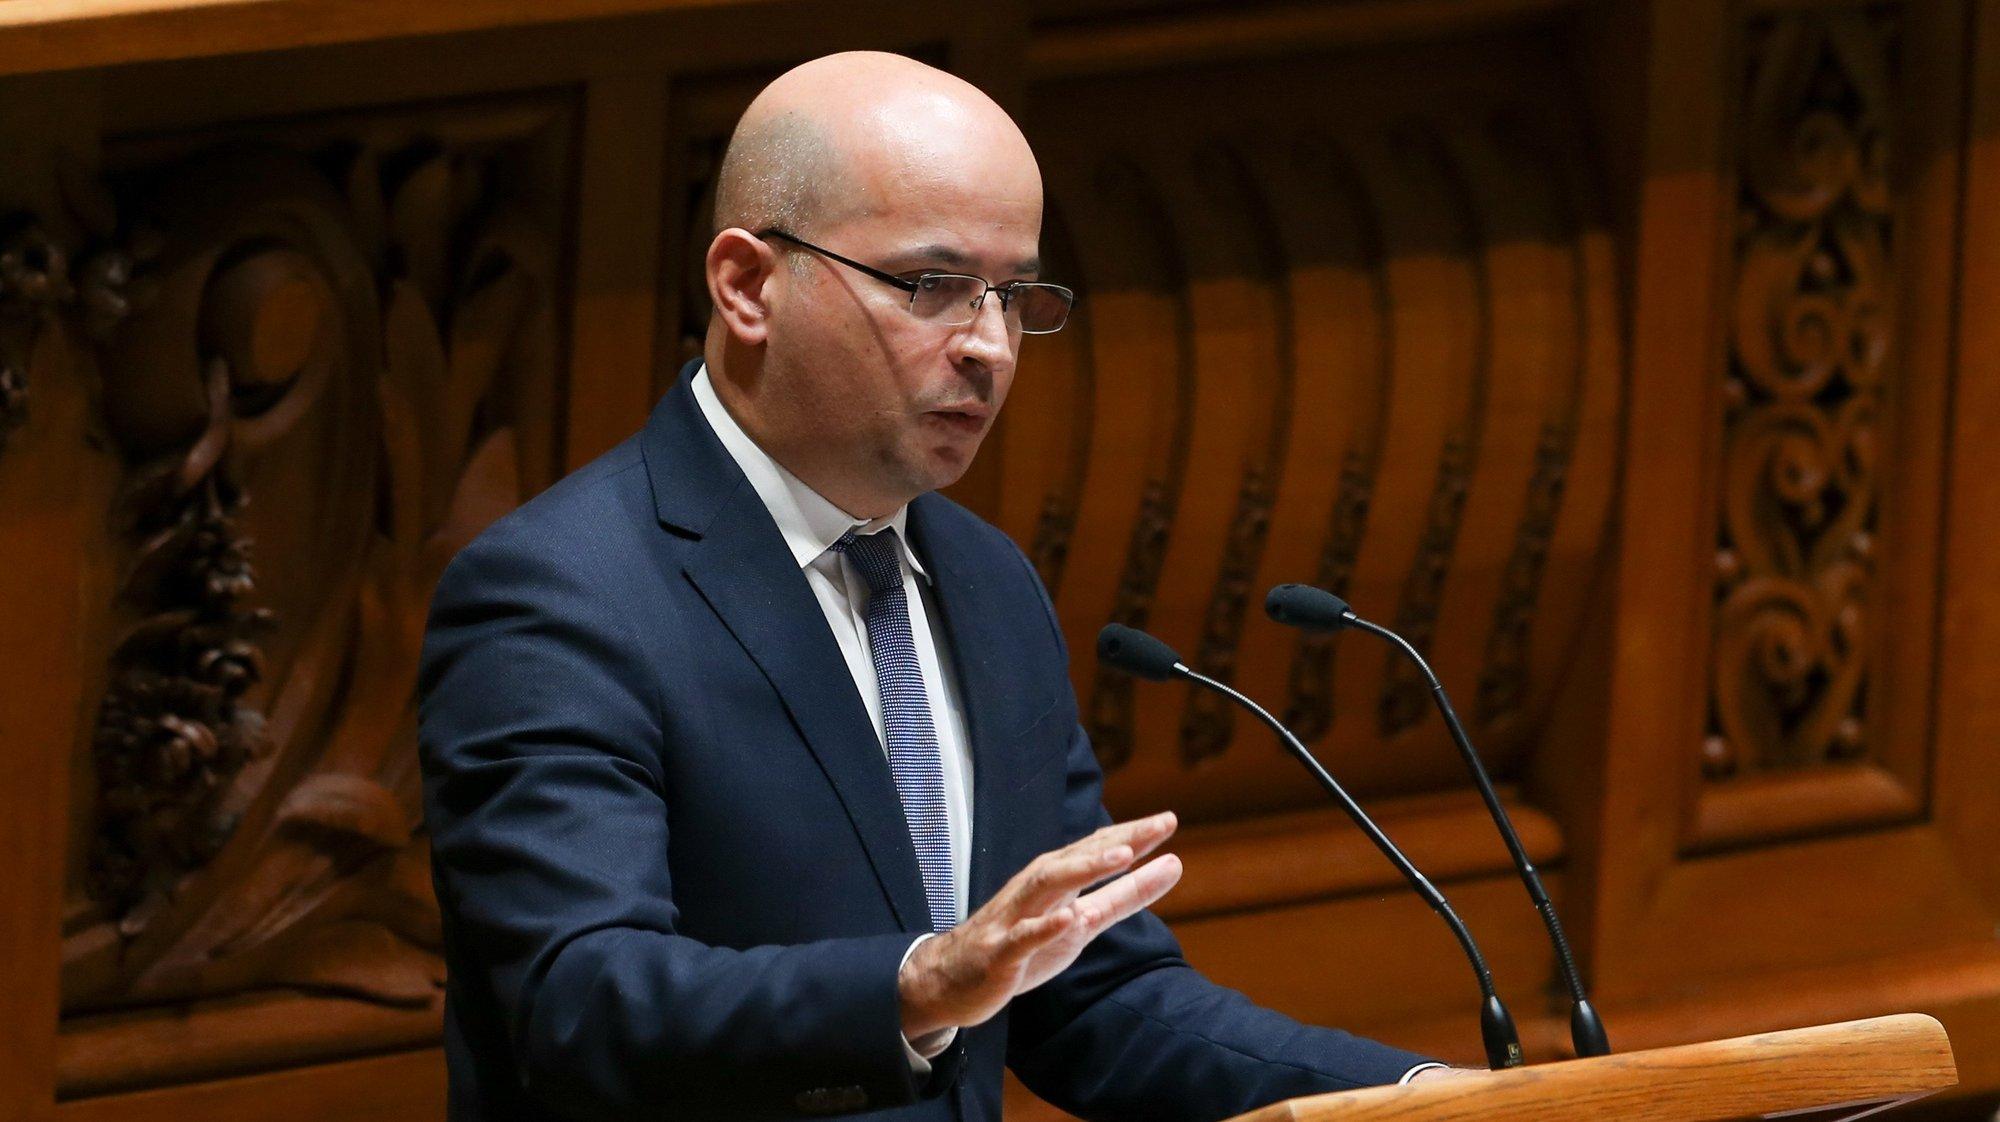 O ministro das Finanças, João Leão, intervém durante a sessão plenária para a votação do Orçamento do Estado 2021 (OE2021), na Assembleia da República, em Lisboa, 26 de novembro de 2020. MANUEL DE ALMEIDA/LUSA